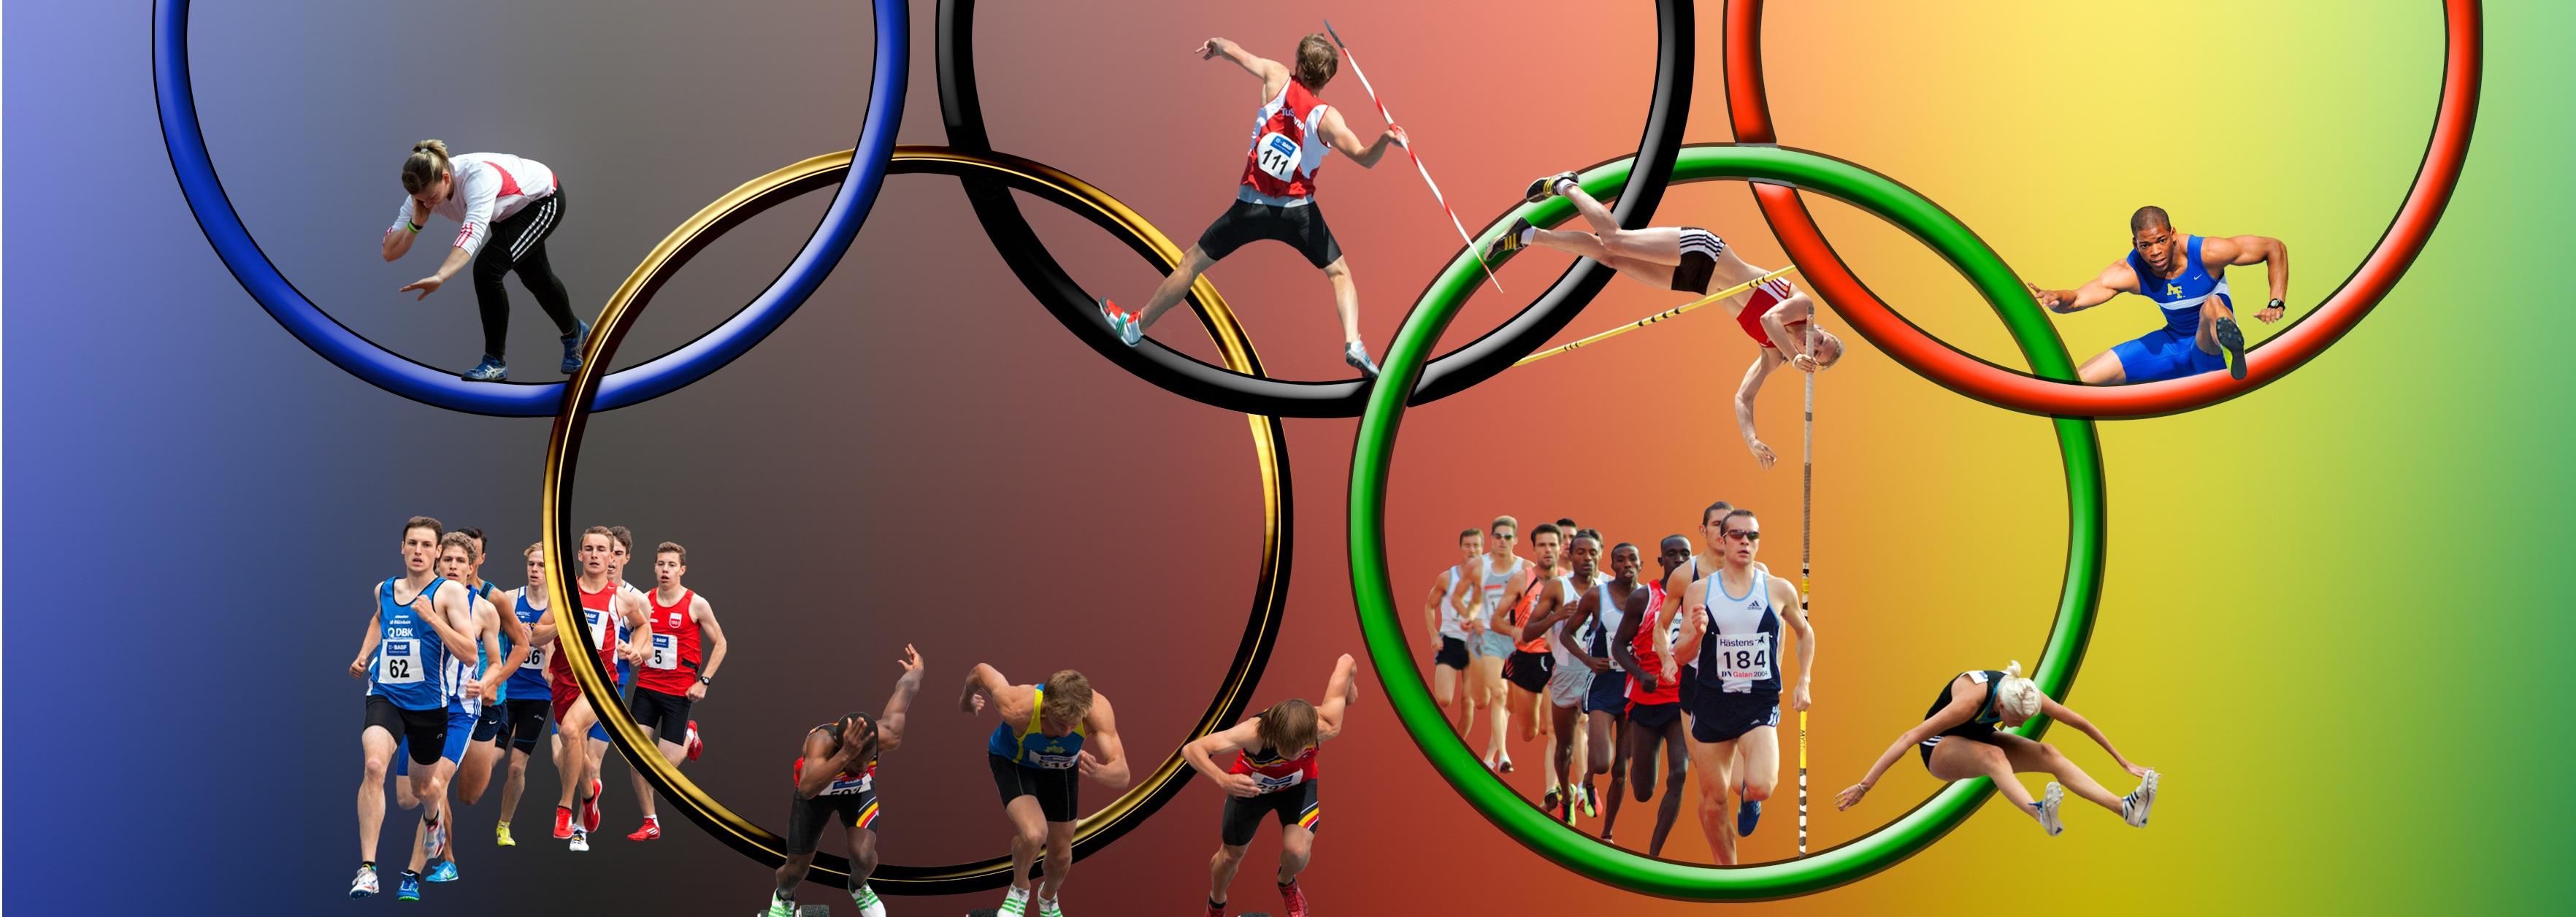 Spaßolympiade